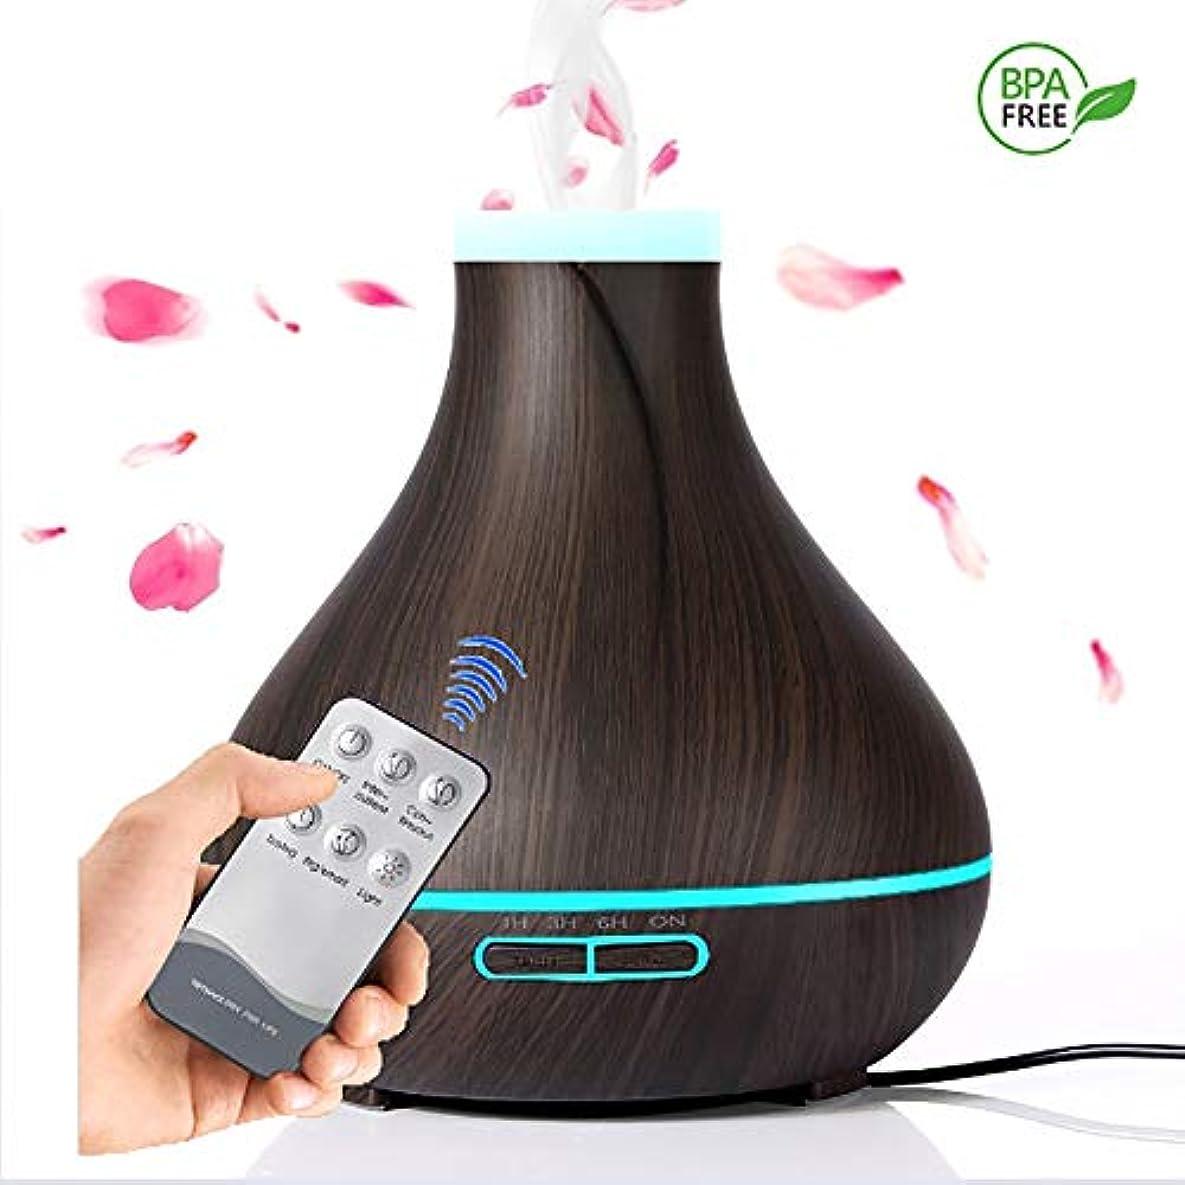 アクセスできない価値固有の400ml エッセンシャルオイルディフューザー、アロマディフューザーアロマセラピー加湿器超音波空気清浄機クールミストフレグランス7色ランプ自動シャットオフ,Black